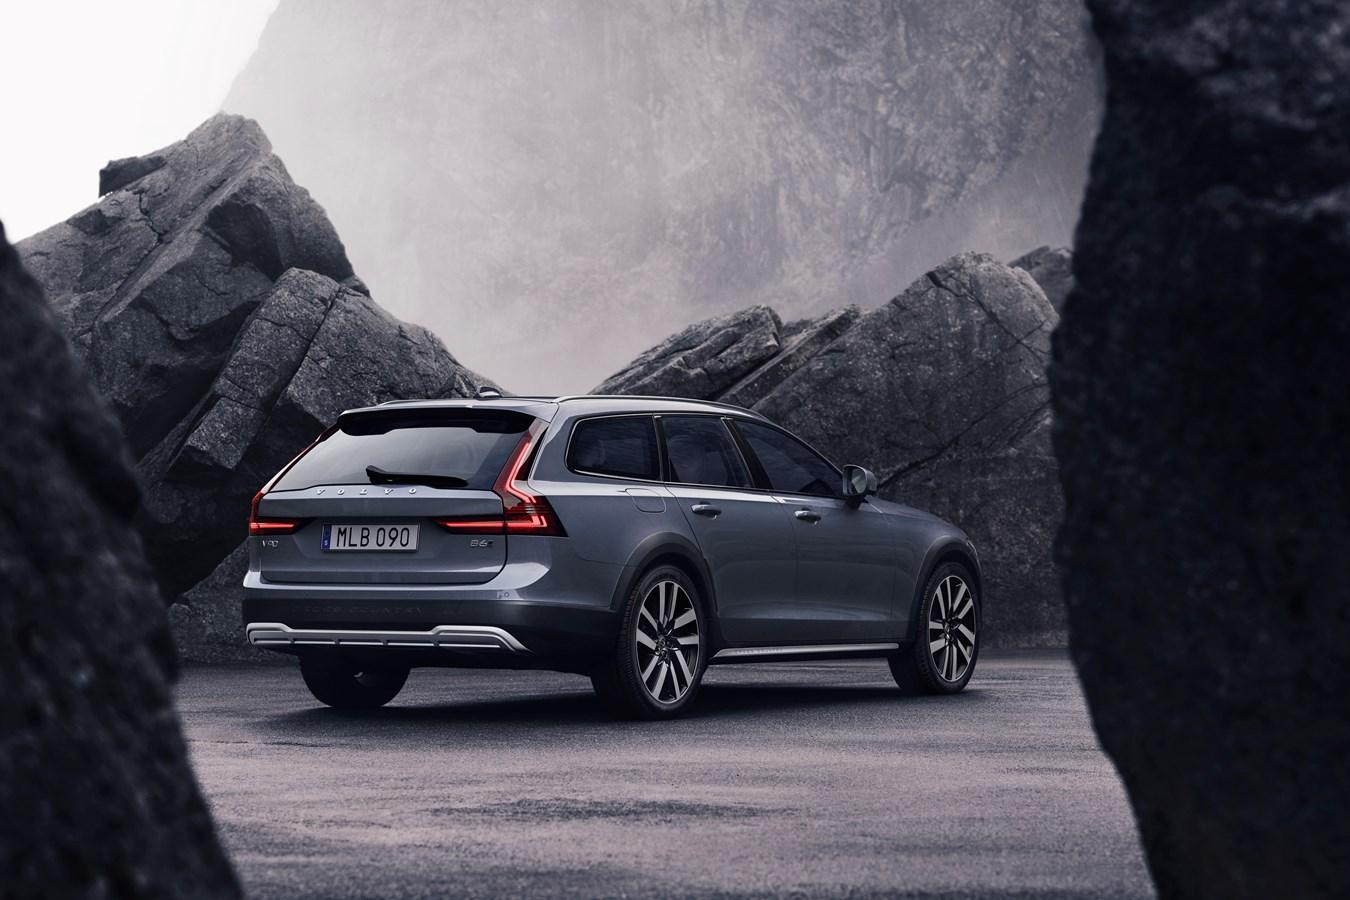 2021 Volvo V90 Pricing